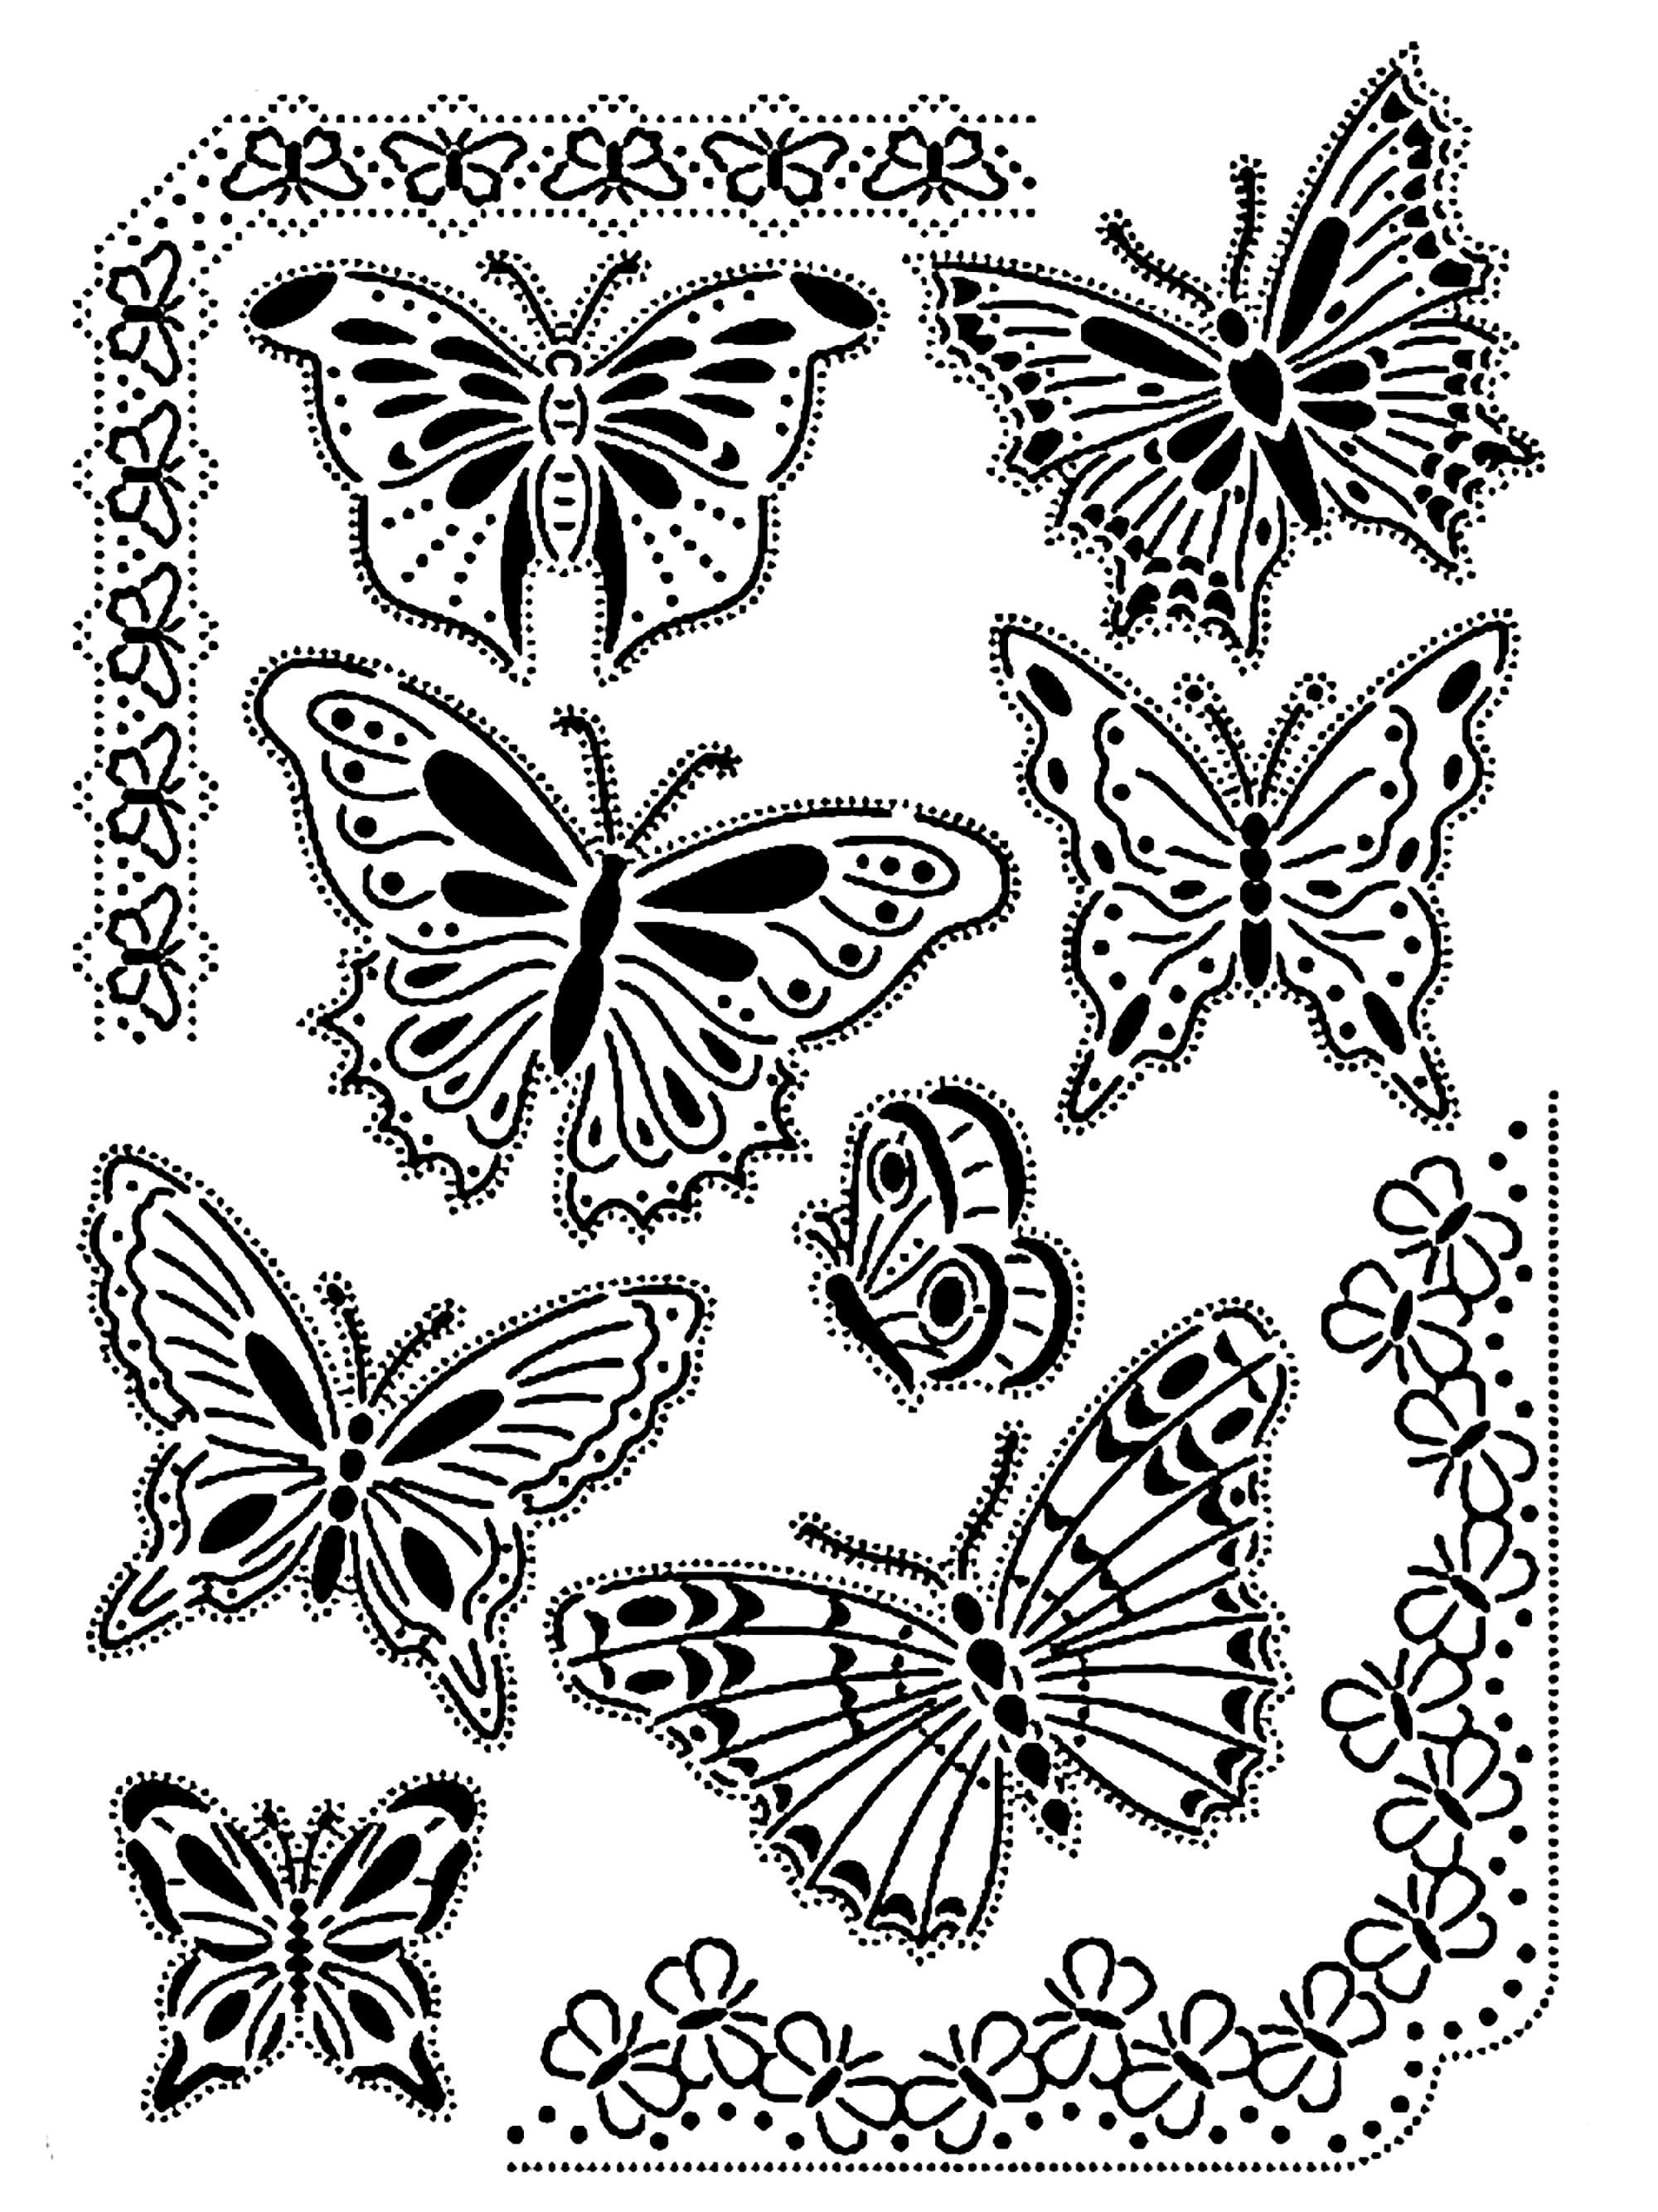 Jolis papillons à colorier - Coloriage de Papillons - Coloriages pour enfants